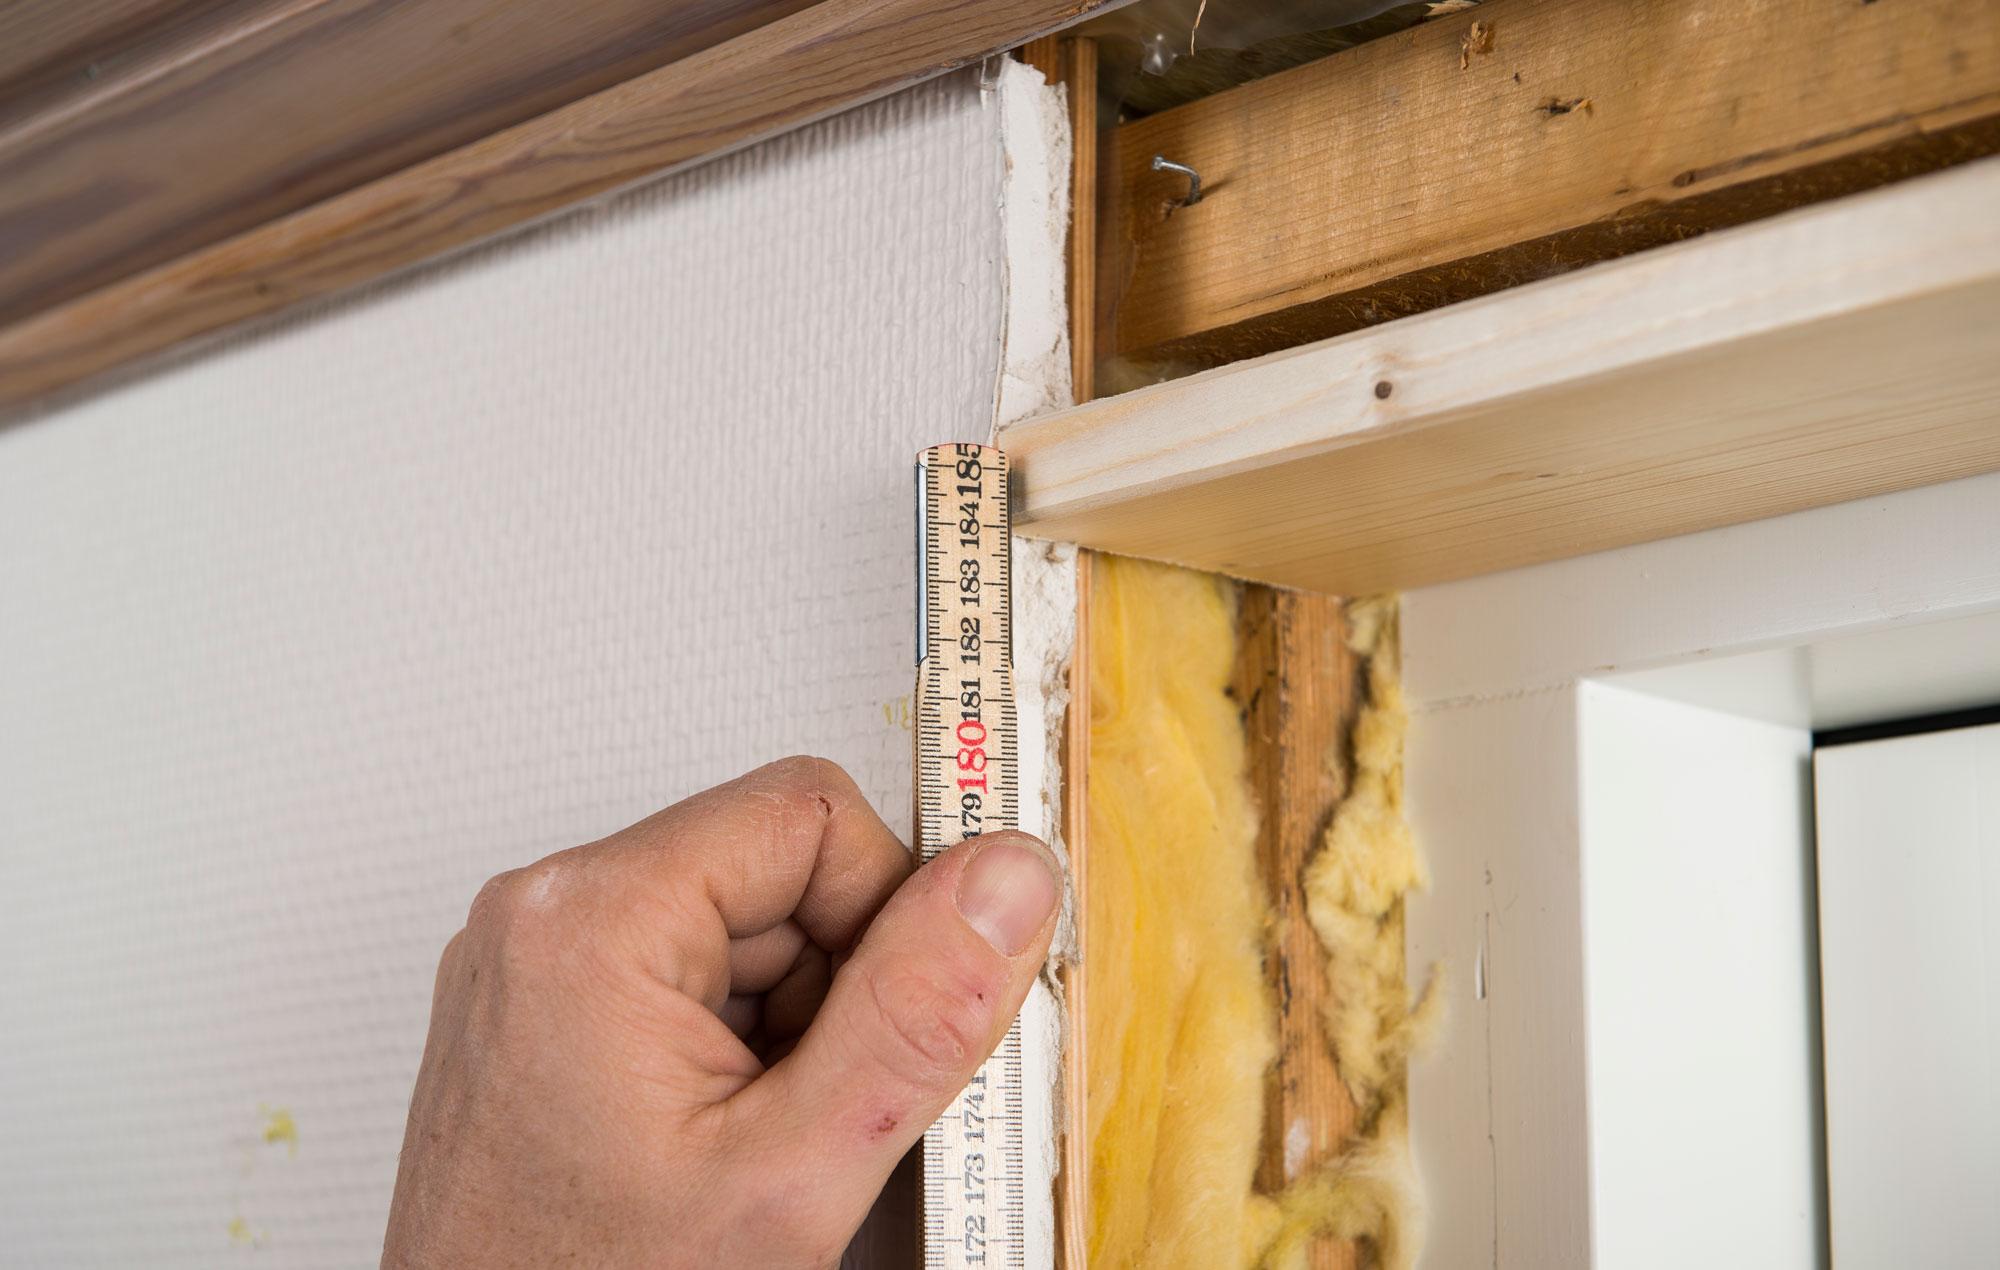 #B07D1B Mest effektive Gør Det Selv Lysninger Og Indfatninger Gør Det Selv Installation Af Varmepumpe 5485 200012705485